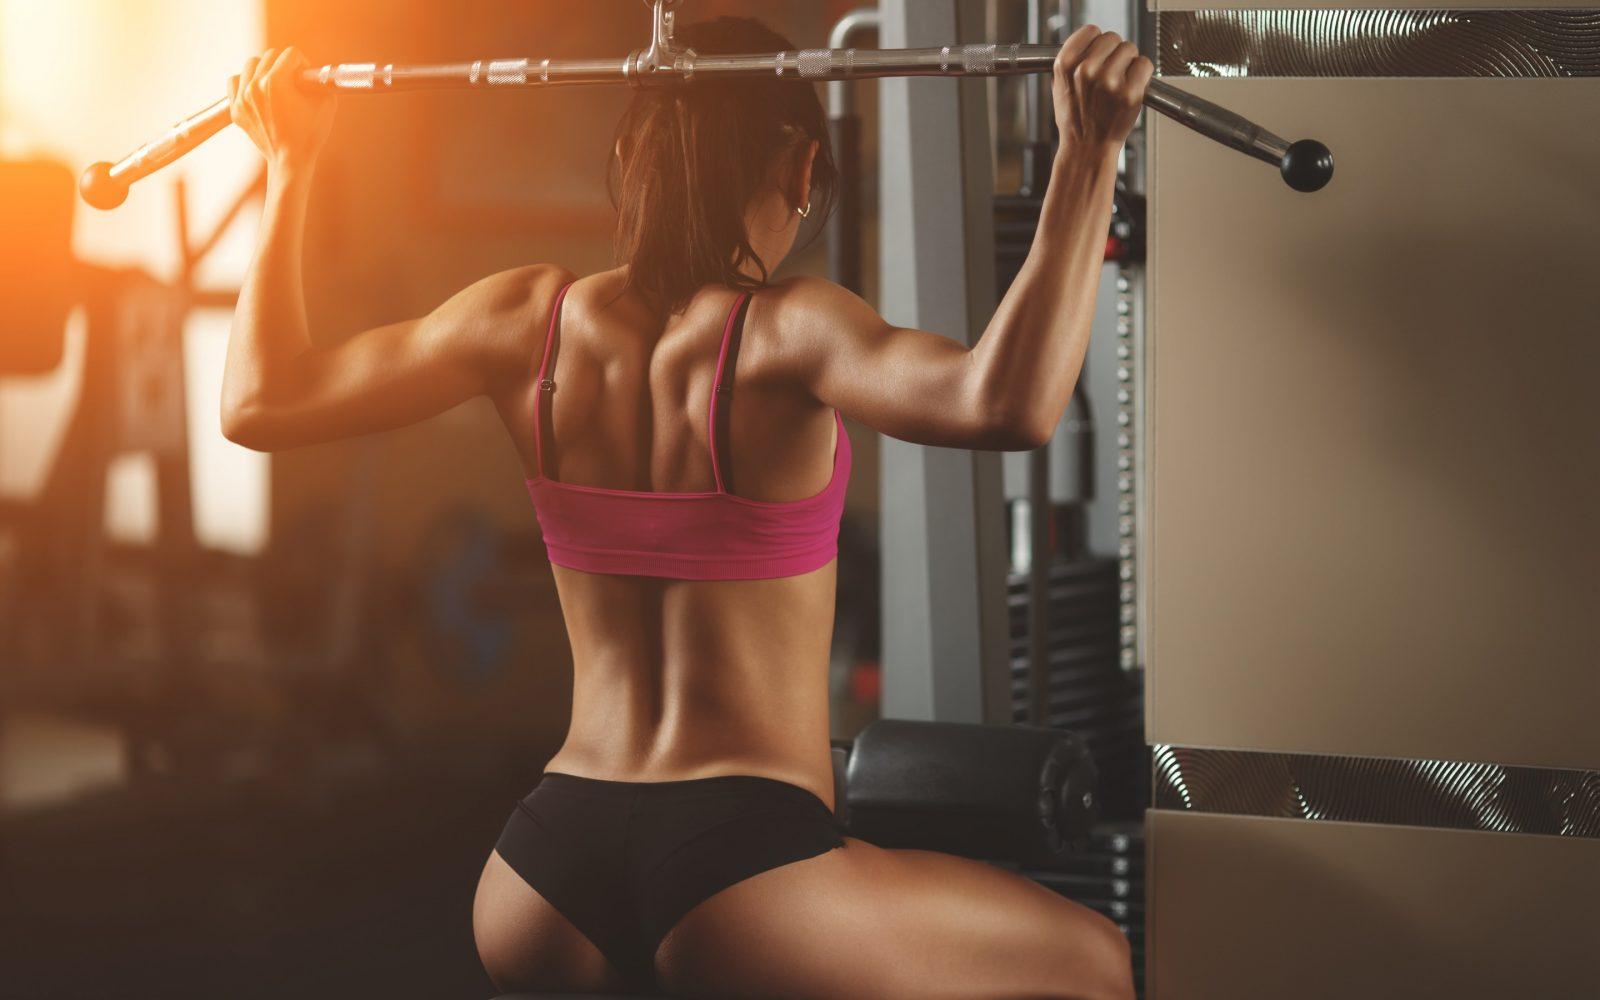 Спортивная девушка выполняет вертикальную тяга широким хватом из-за спины